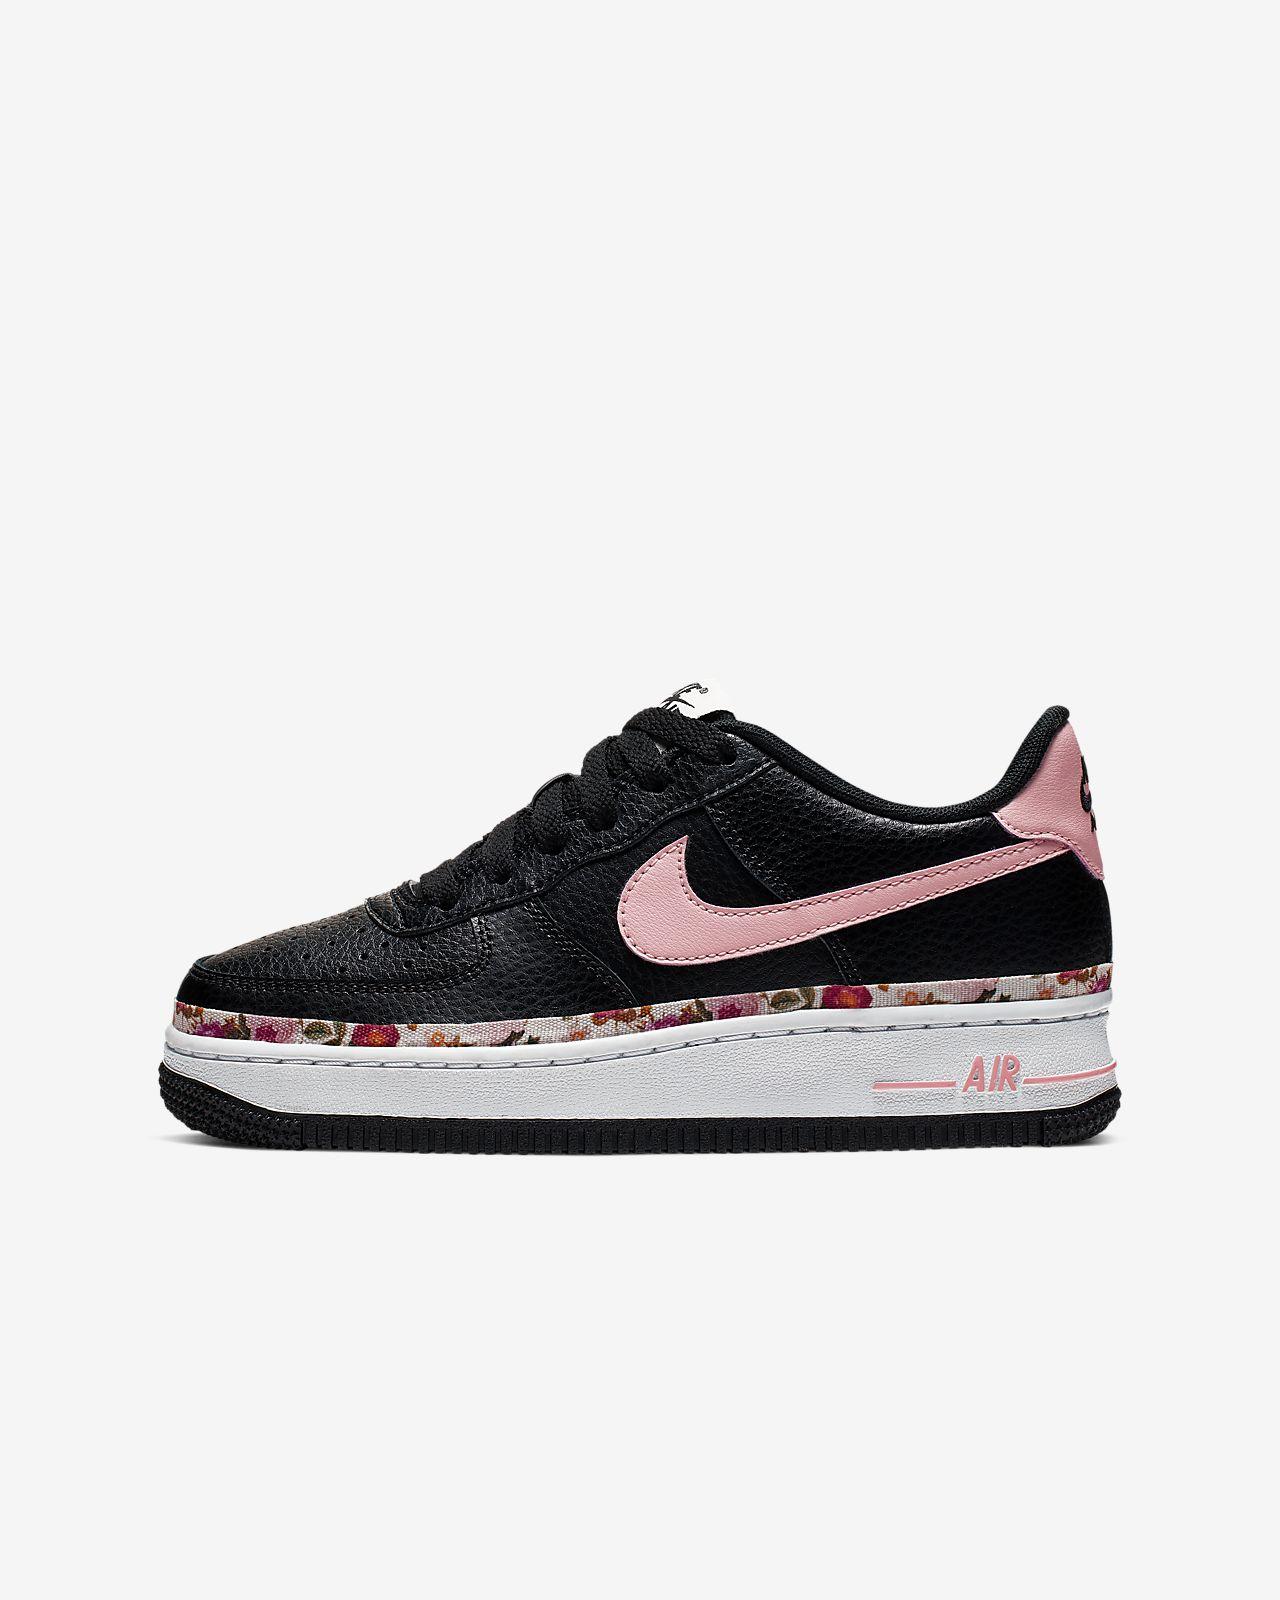 Nike Air Force 1 Vintage Floral Genç Çocuk Ayakkabısı